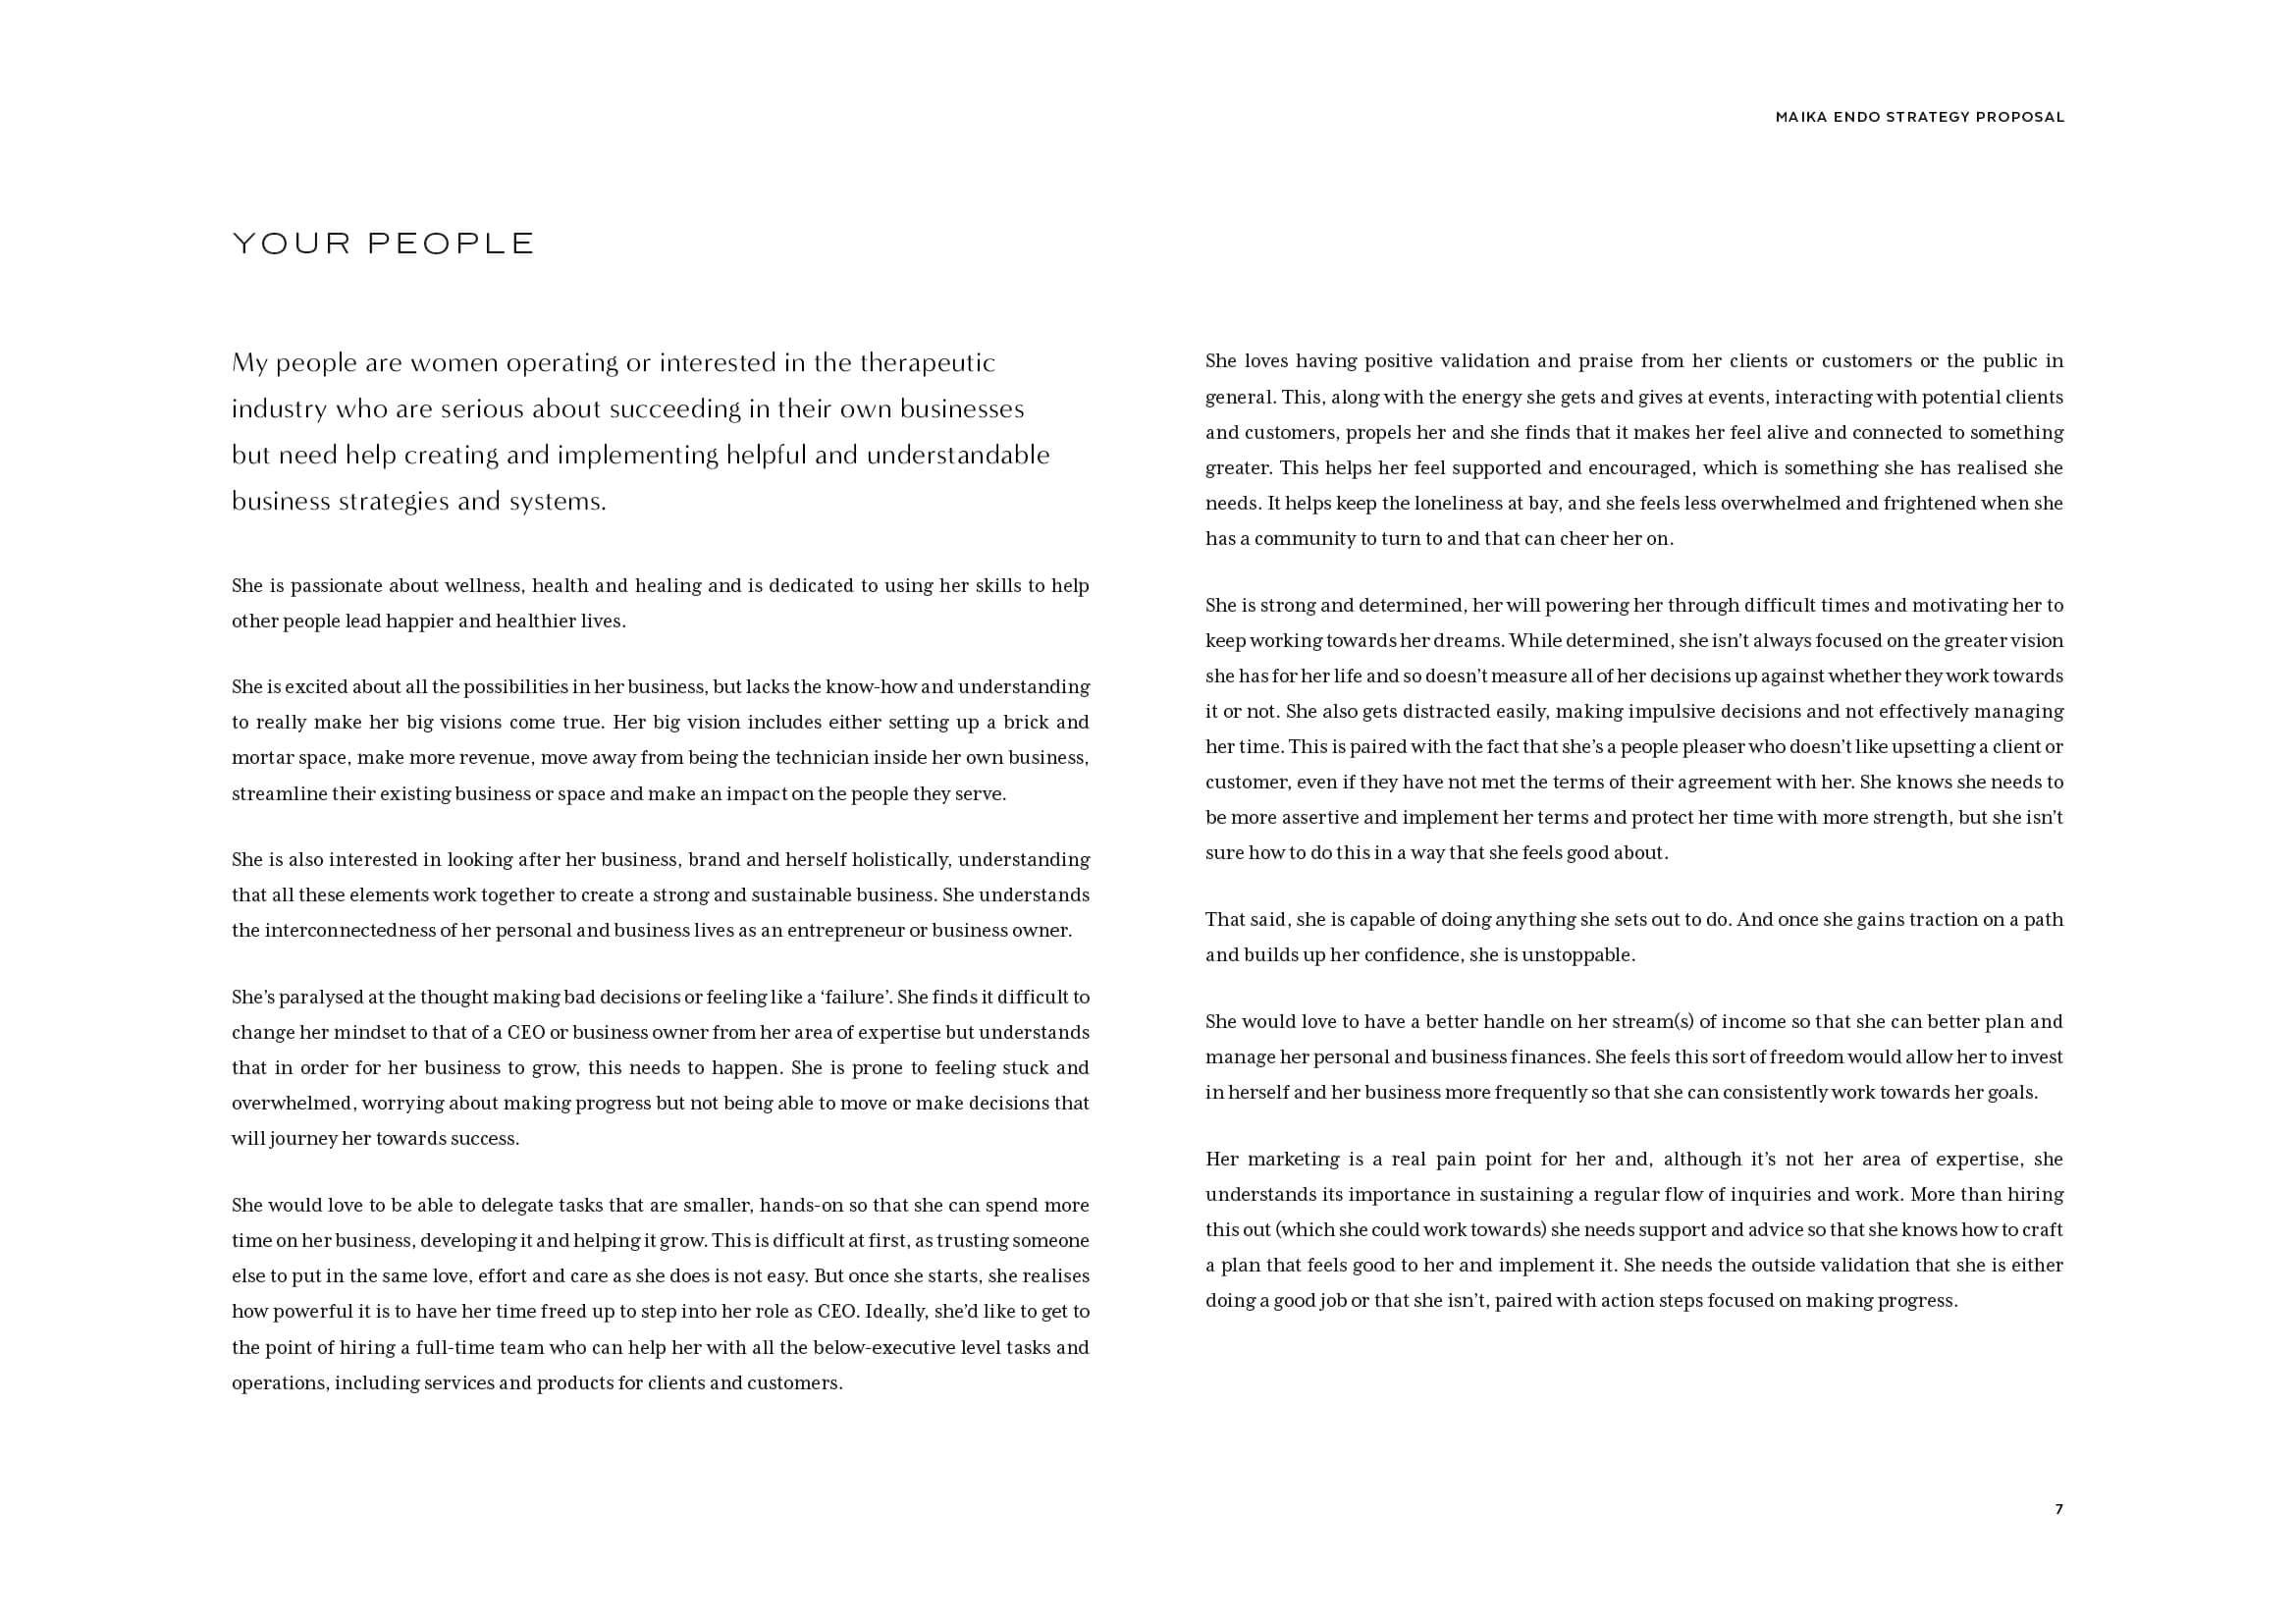 Maika Endo Strategy Proposal Round 27.jpg